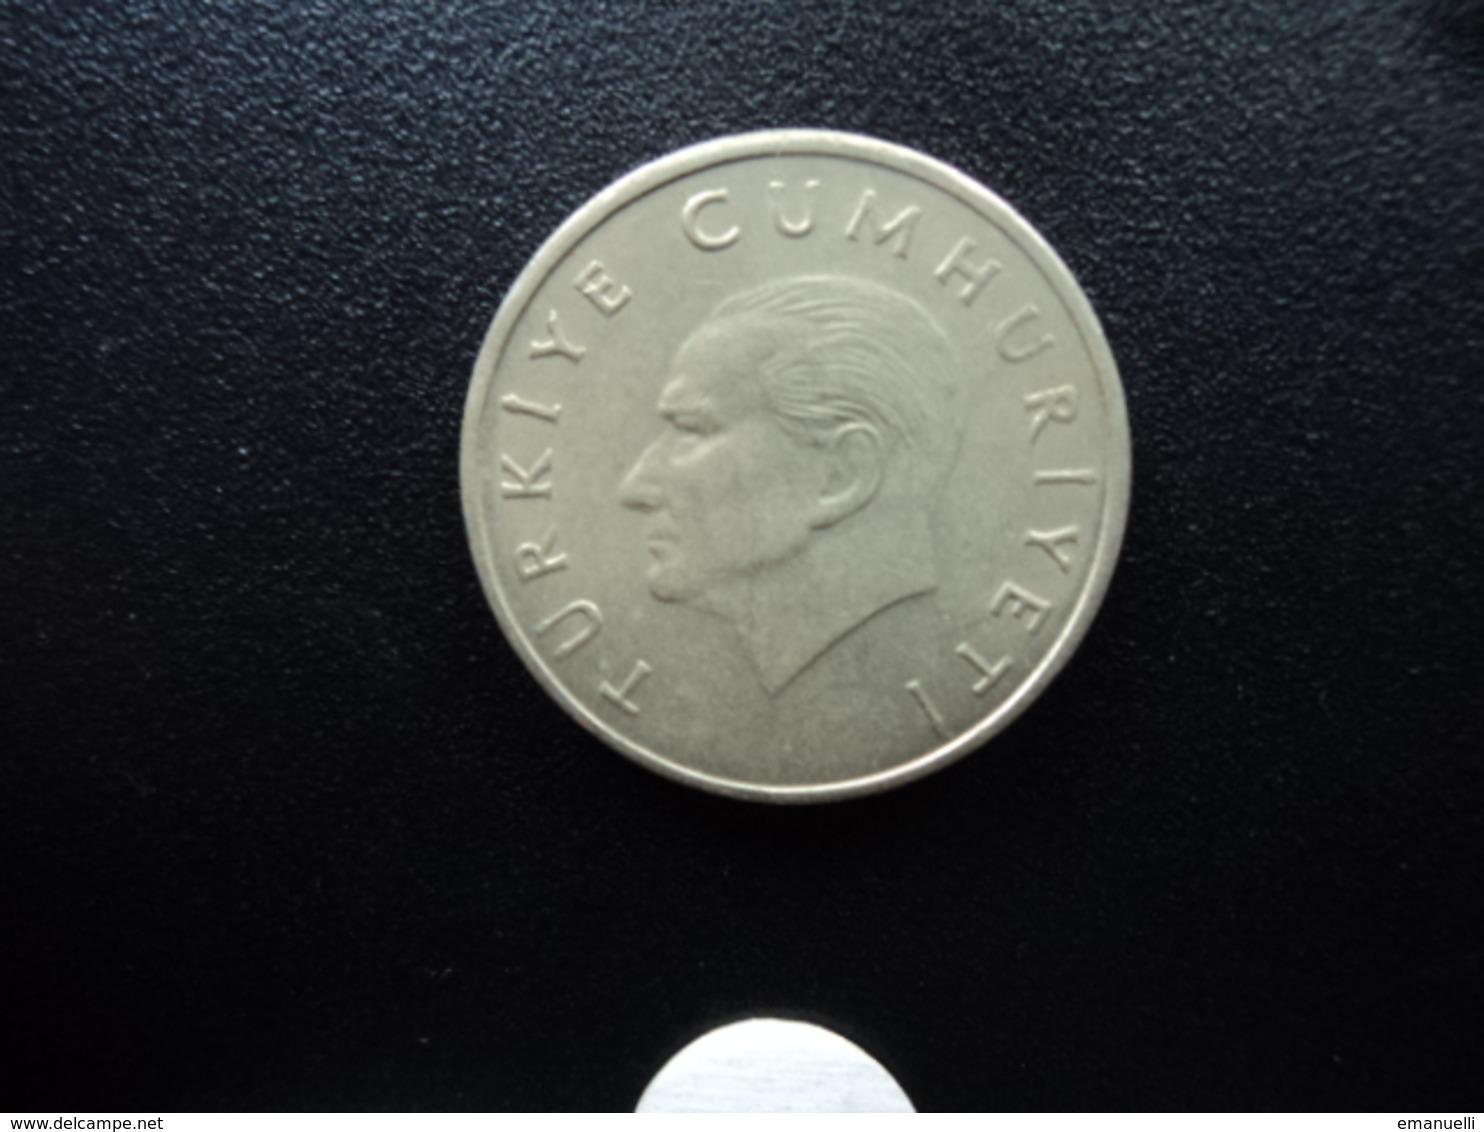 TURQUIE : 10 BIN (000) LIRA   1994  Trancha A *   KM 1027.1   SUP - Turquie